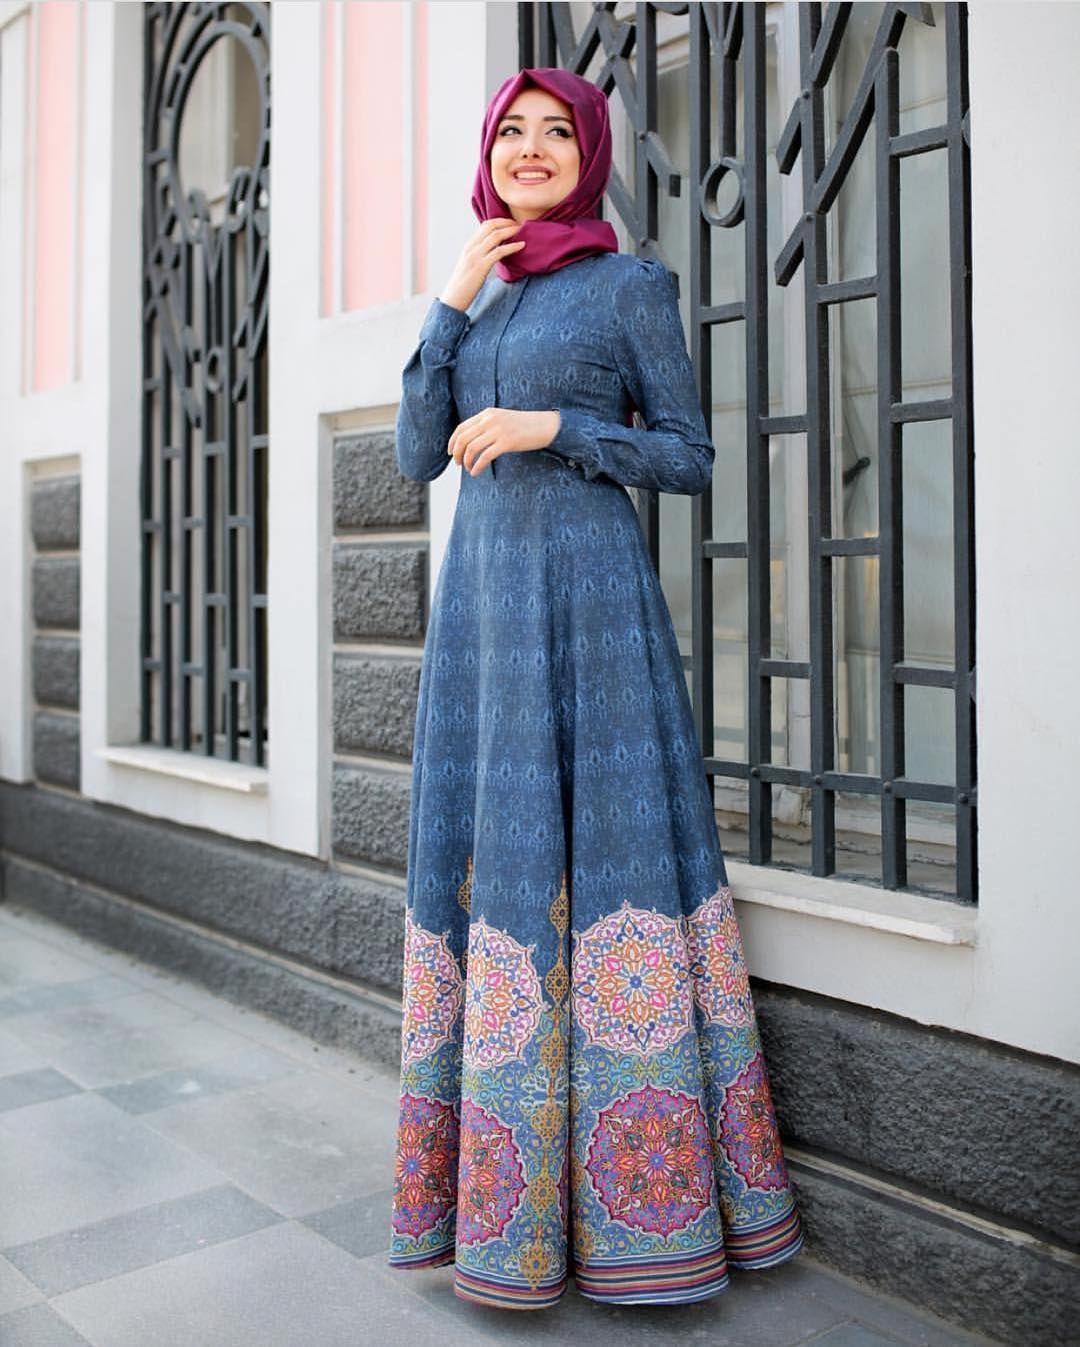 Hurrem Elbise Fiyati 235 Tl Gamze Polat 36 38 40 42 44 Sal Hediye Bilgi Muslimische Mode Kleider Kleidung